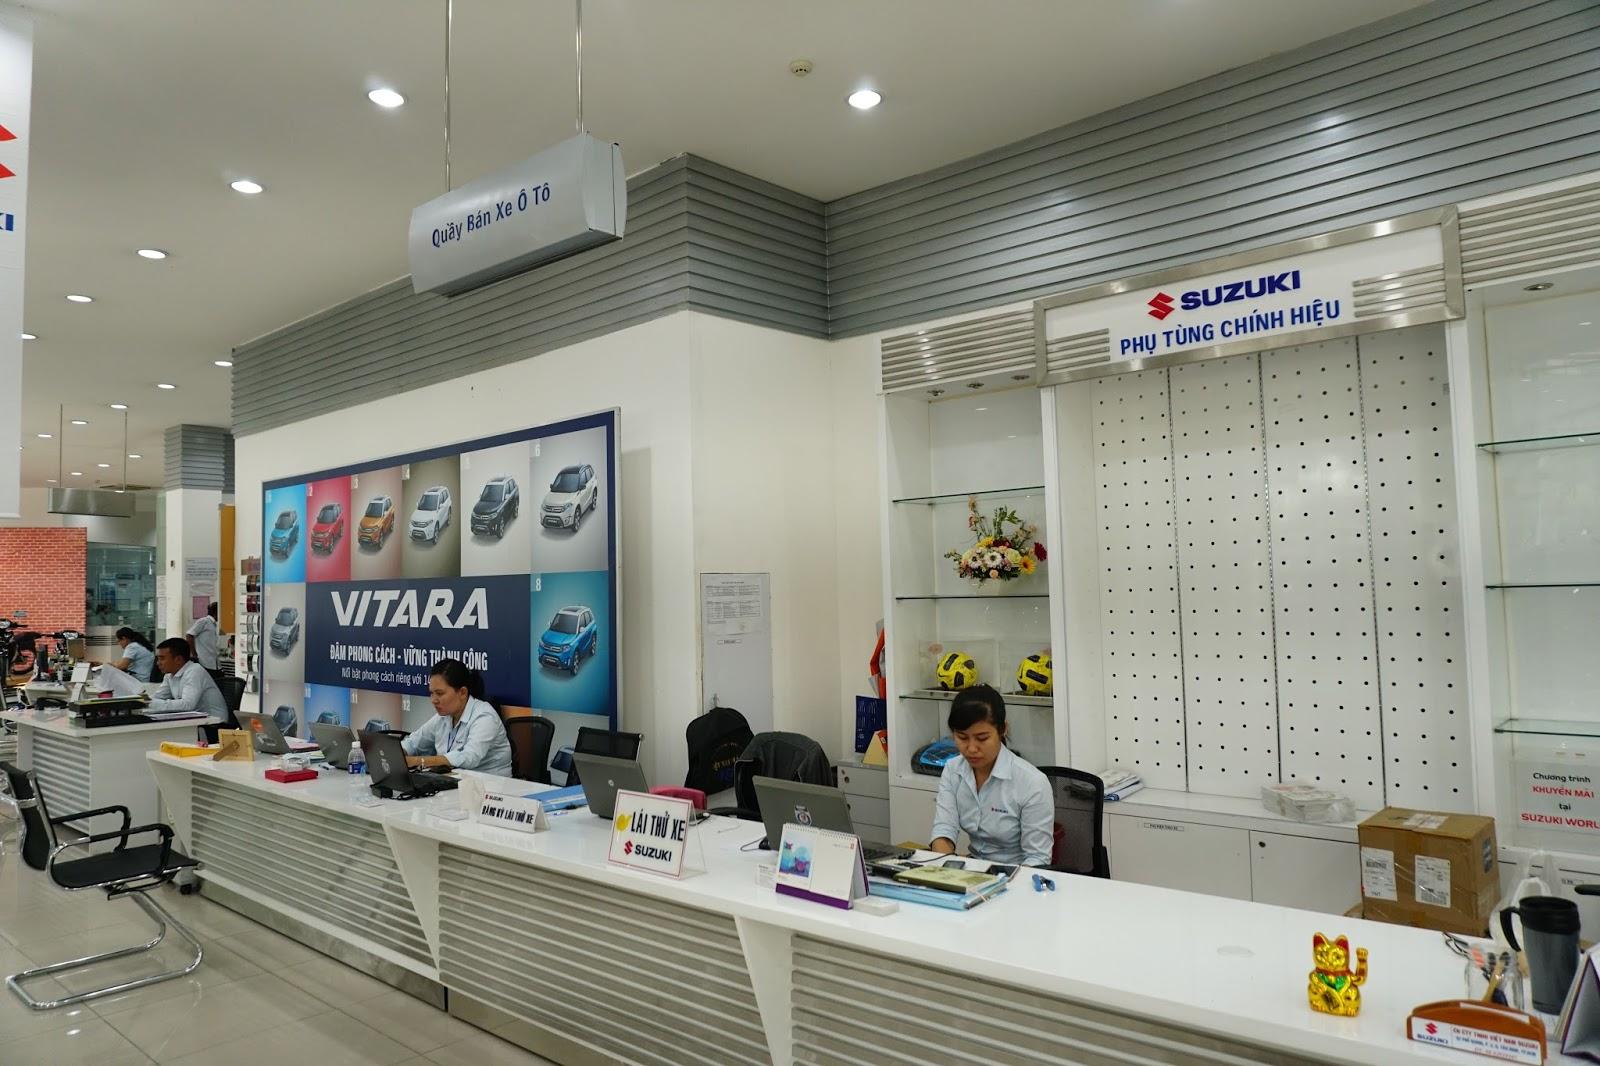 Khu vực tư vấn, chăm sóc khách hàng của Suzuki World